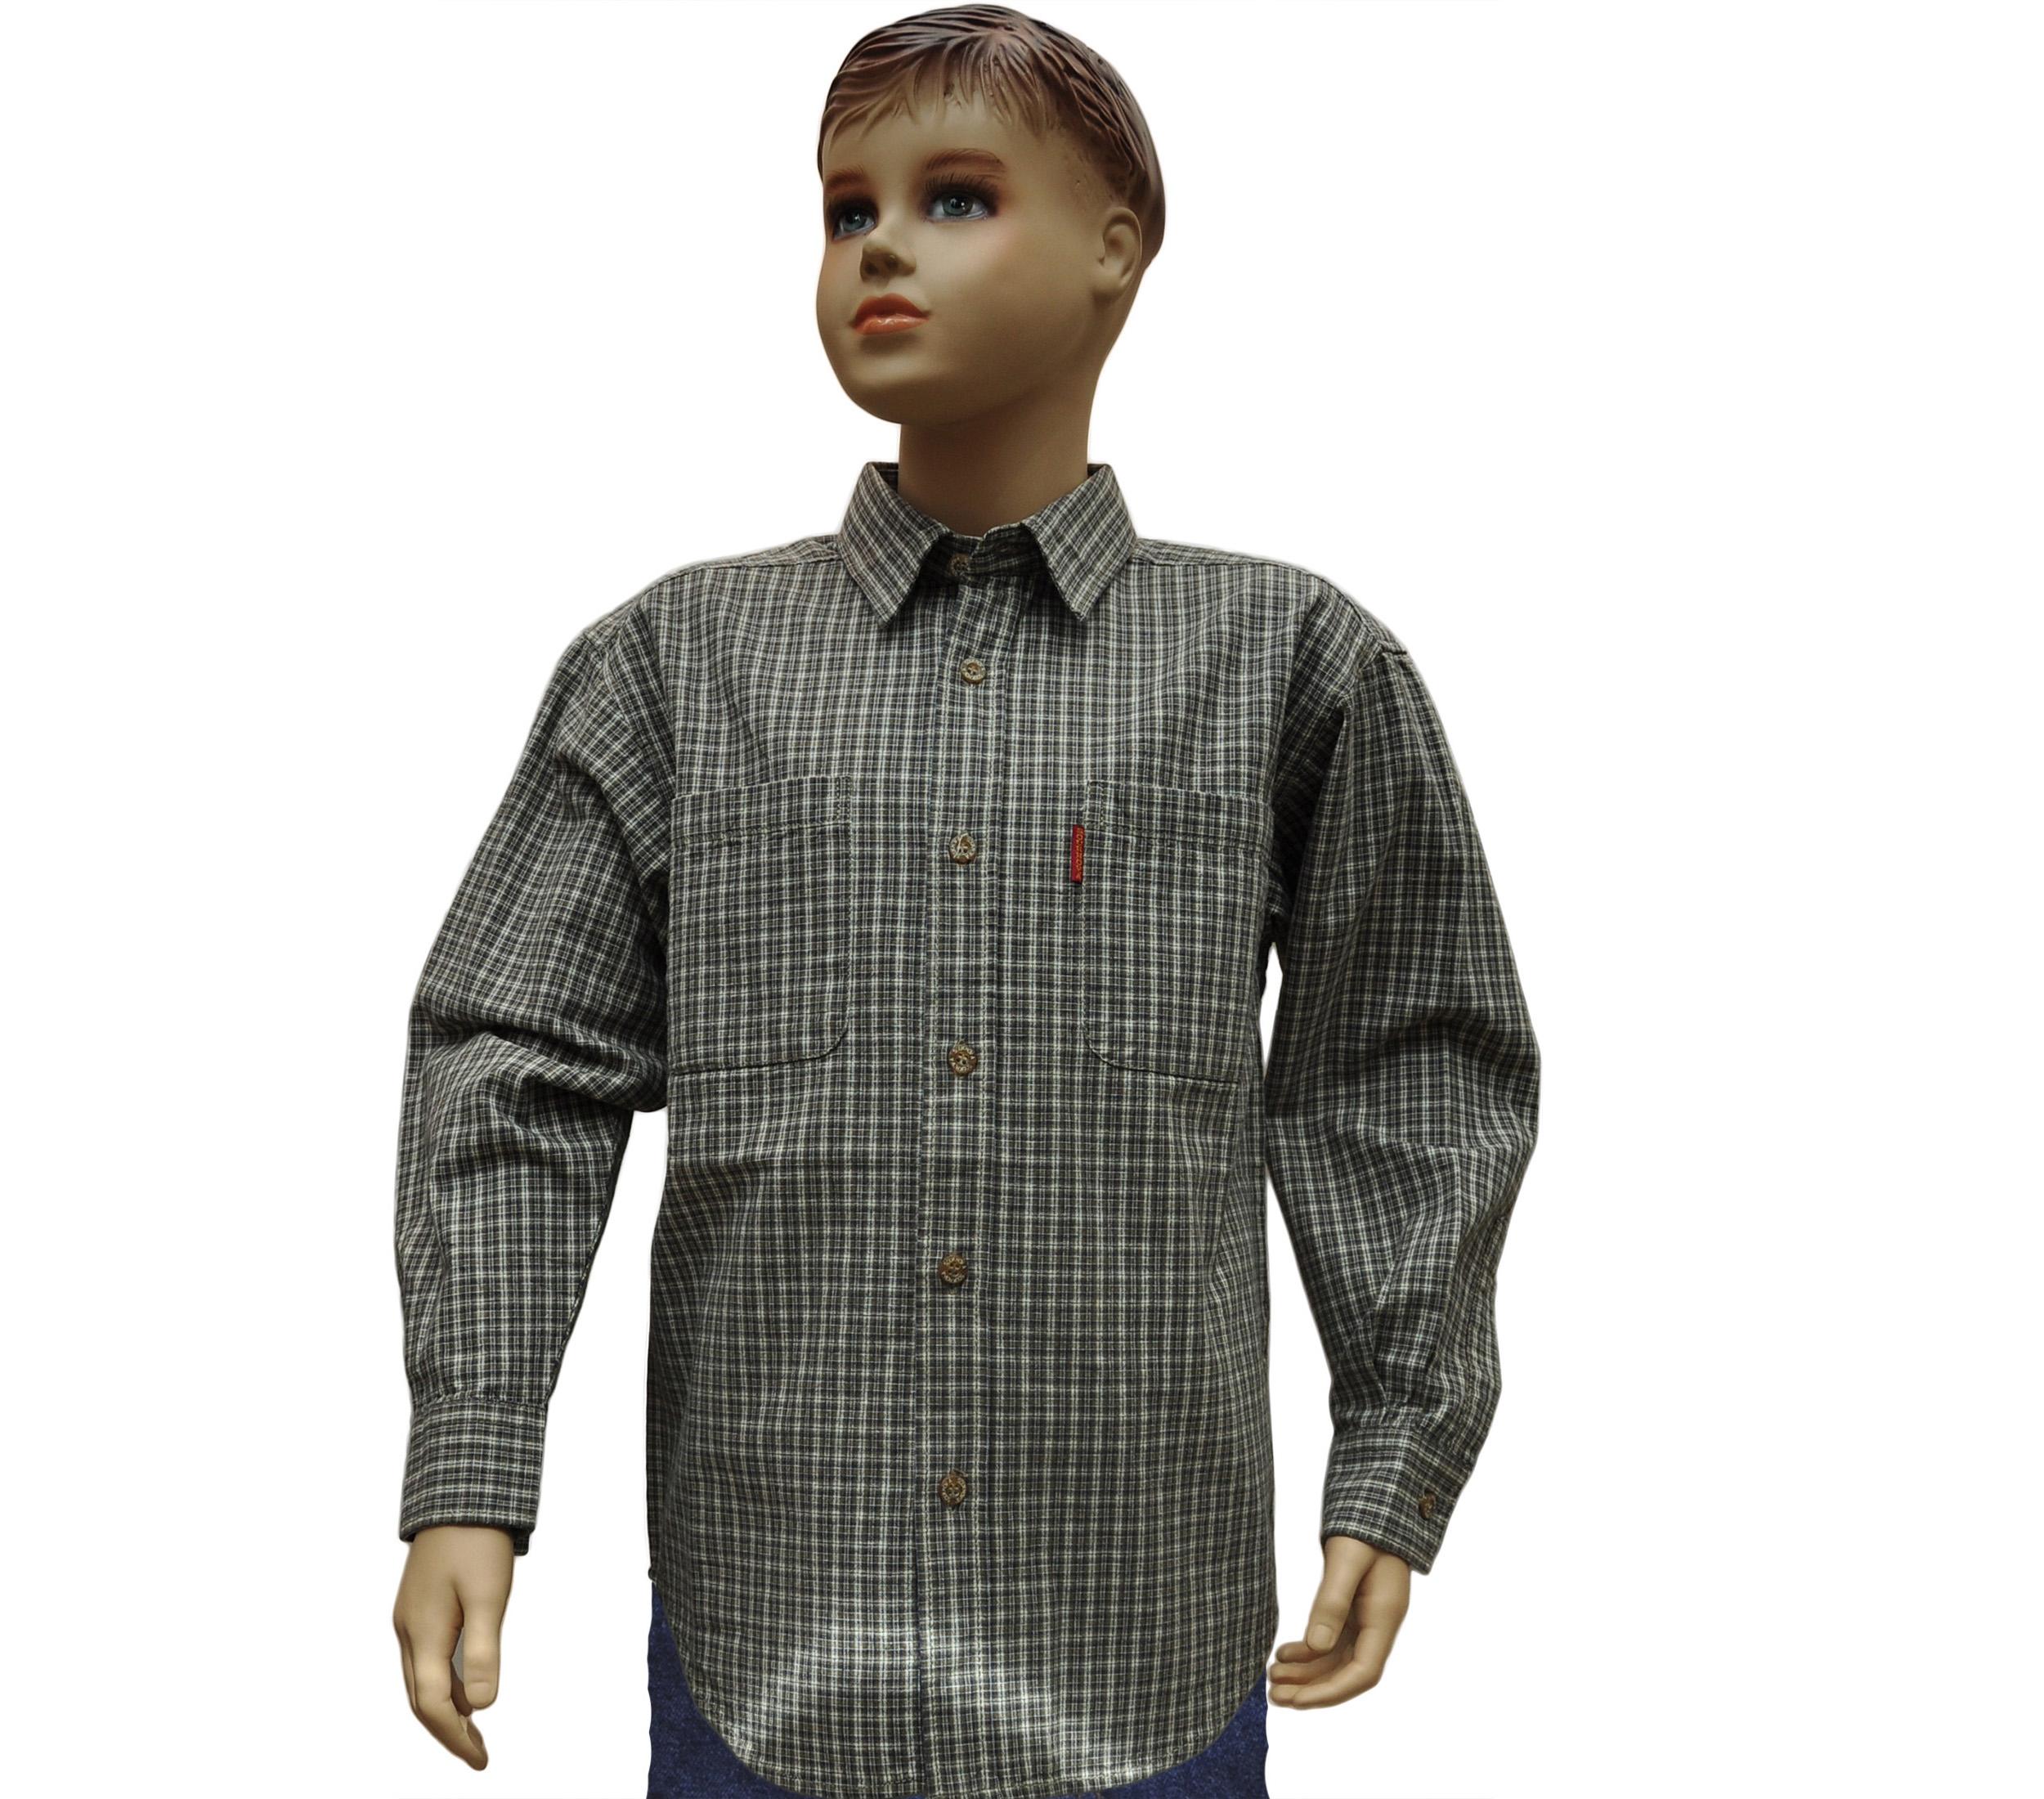 Подростковая рубашкас длинным рукавом в мелкую коричневую